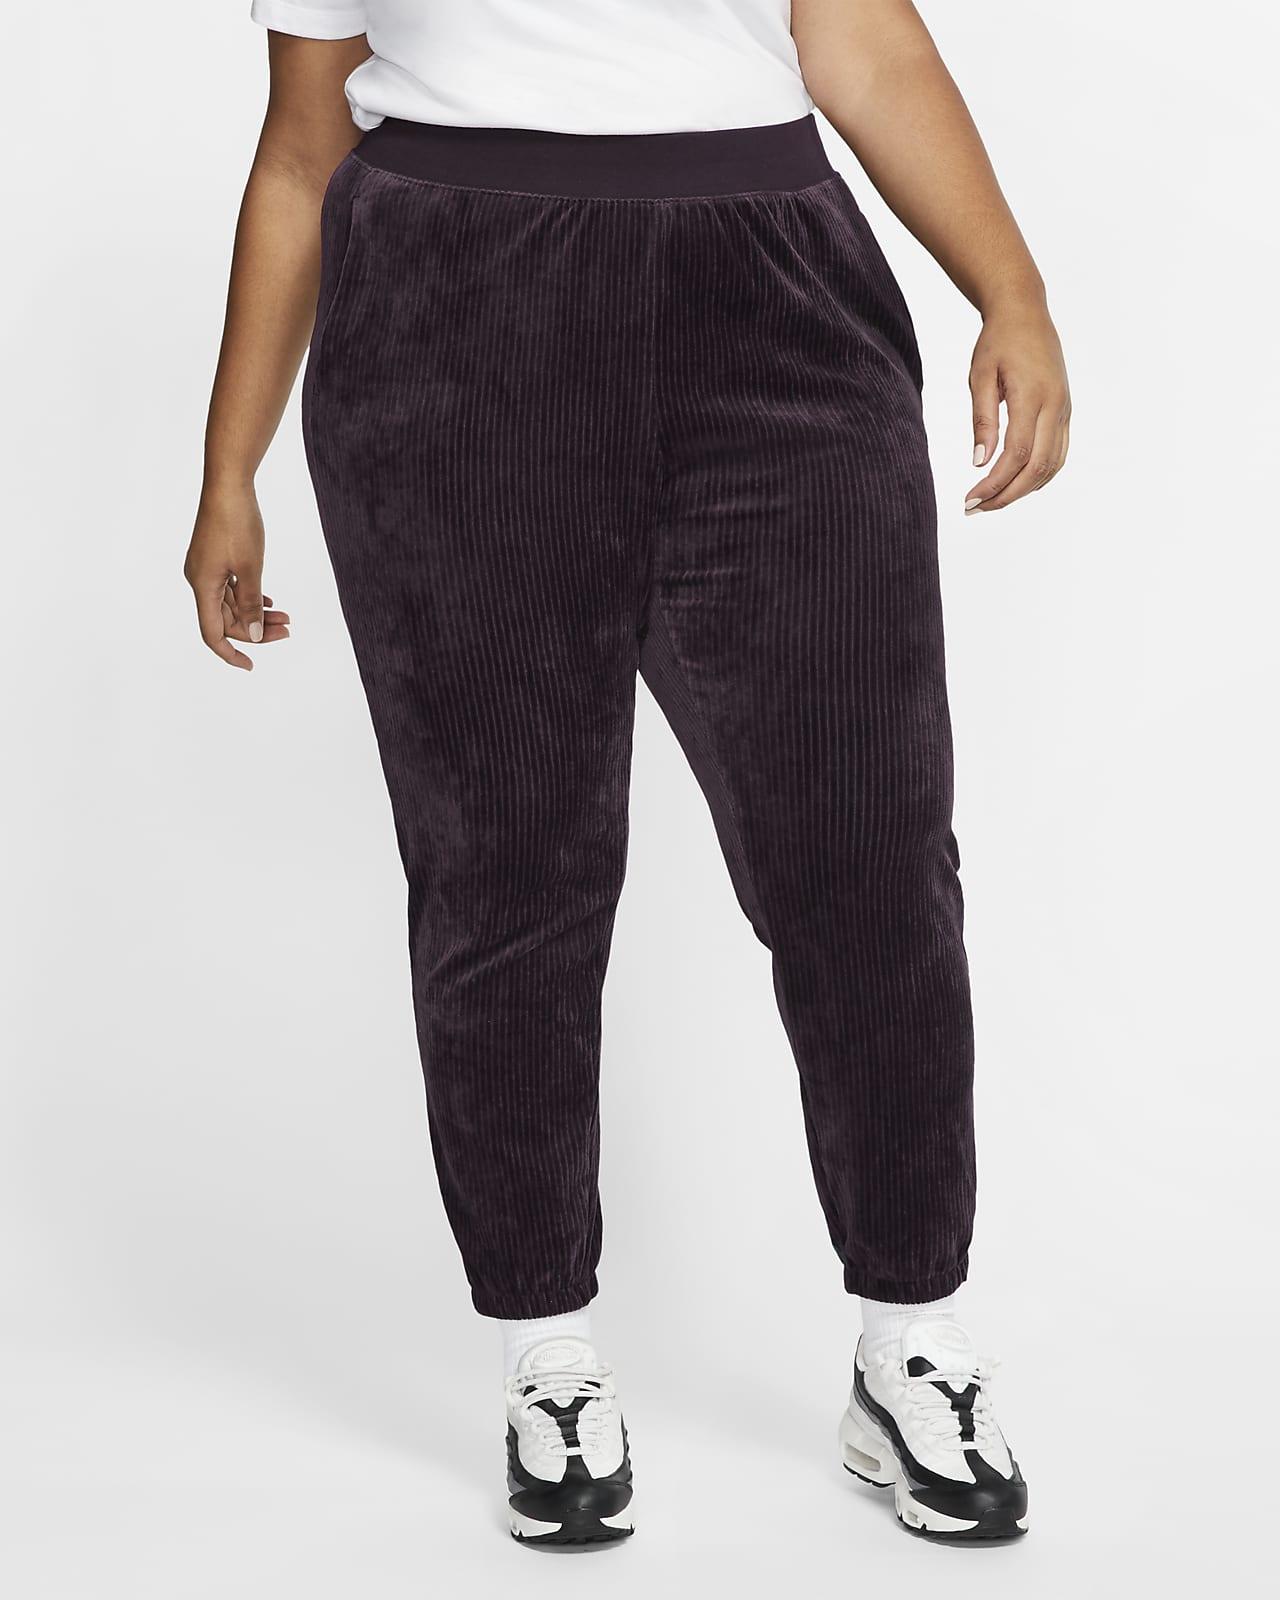 Nike Sportswear Damen-Velourshose (große Größe)